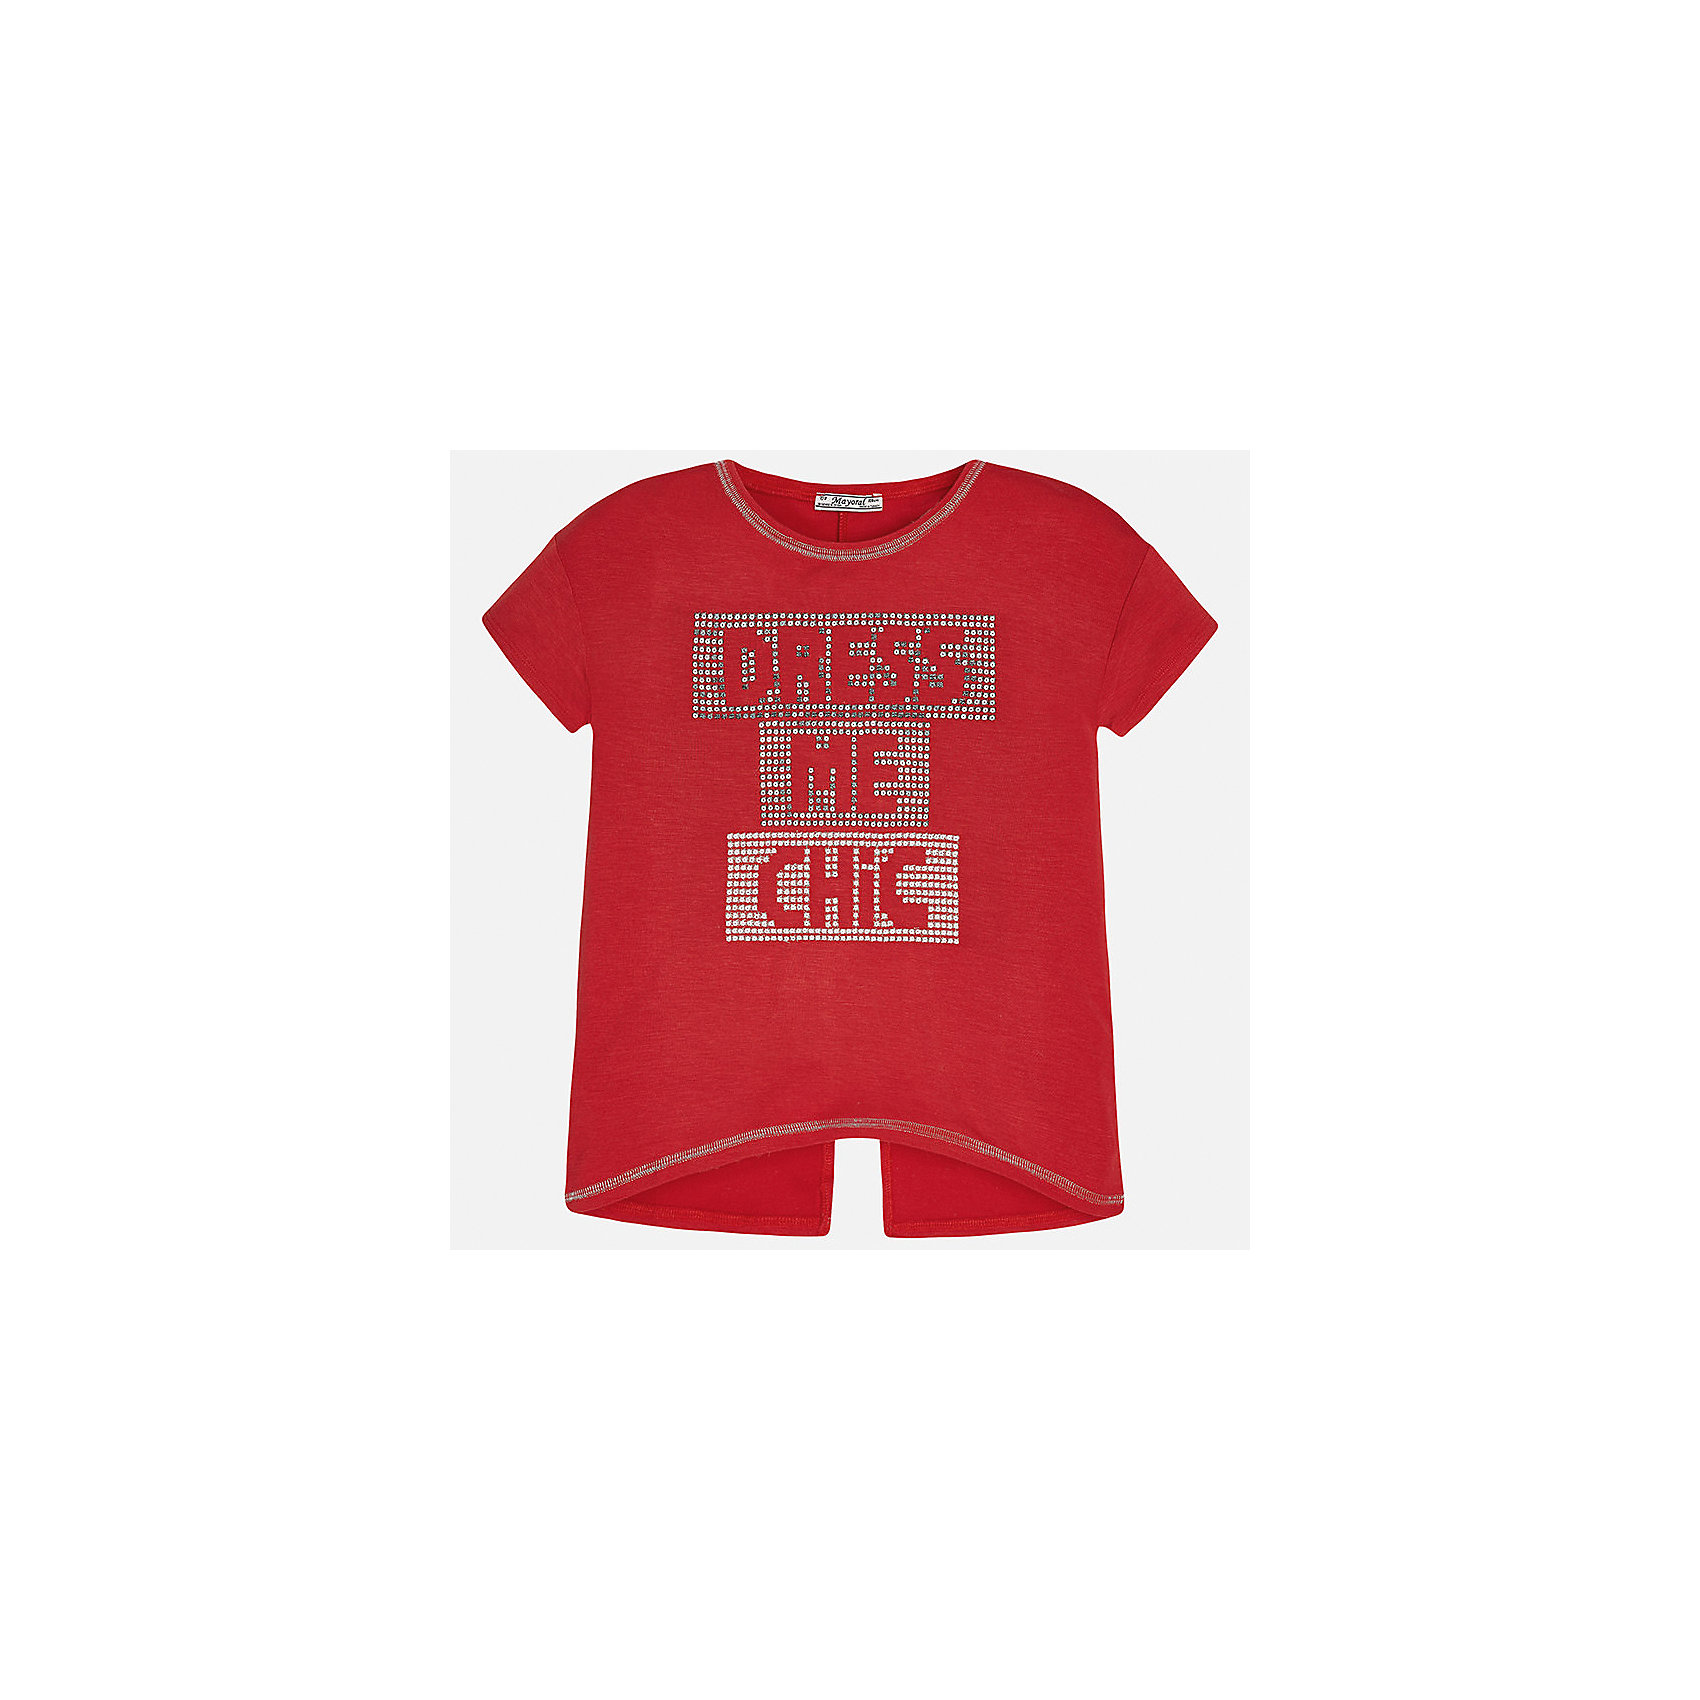 Футболка для девочки MayoralФутболки, поло и топы<br>Характеристики товара:<br><br>• цвет: красный<br>• состав: 95% вискоза, 5% эластан<br>• контрастная прострочка<br>• декорирована стразами<br>• короткие рукава<br>• разрез на спине<br>• страна бренда: Испания<br><br>Стильная оригинальная футболка для девочки поможет разнообразить гардероб ребенка и украсить наряд. Она отлично сочетается и с юбками, и с шортами, и с брюками. Универсальный цвет позволяет подобрать к вещи низ практически любой расцветки. Интересная отделка модели делает её нарядной и оригинальной. <br><br>Одежда, обувь и аксессуары от испанского бренда Mayoral полюбились детям и взрослым по всему миру. Модели этой марки - стильные и удобные. Для их производства используются только безопасные, качественные материалы и фурнитура. Порадуйте ребенка модными и красивыми вещами от Mayoral! <br><br>Футболку для девочки от испанского бренда Mayoral (Майорал) можно купить в нашем интернет-магазине.<br><br>Ширина мм: 199<br>Глубина мм: 10<br>Высота мм: 161<br>Вес г: 151<br>Цвет: красный<br>Возраст от месяцев: 84<br>Возраст до месяцев: 96<br>Пол: Женский<br>Возраст: Детский<br>Размер: 128/134,170,164,158,152,140<br>SKU: 5300772